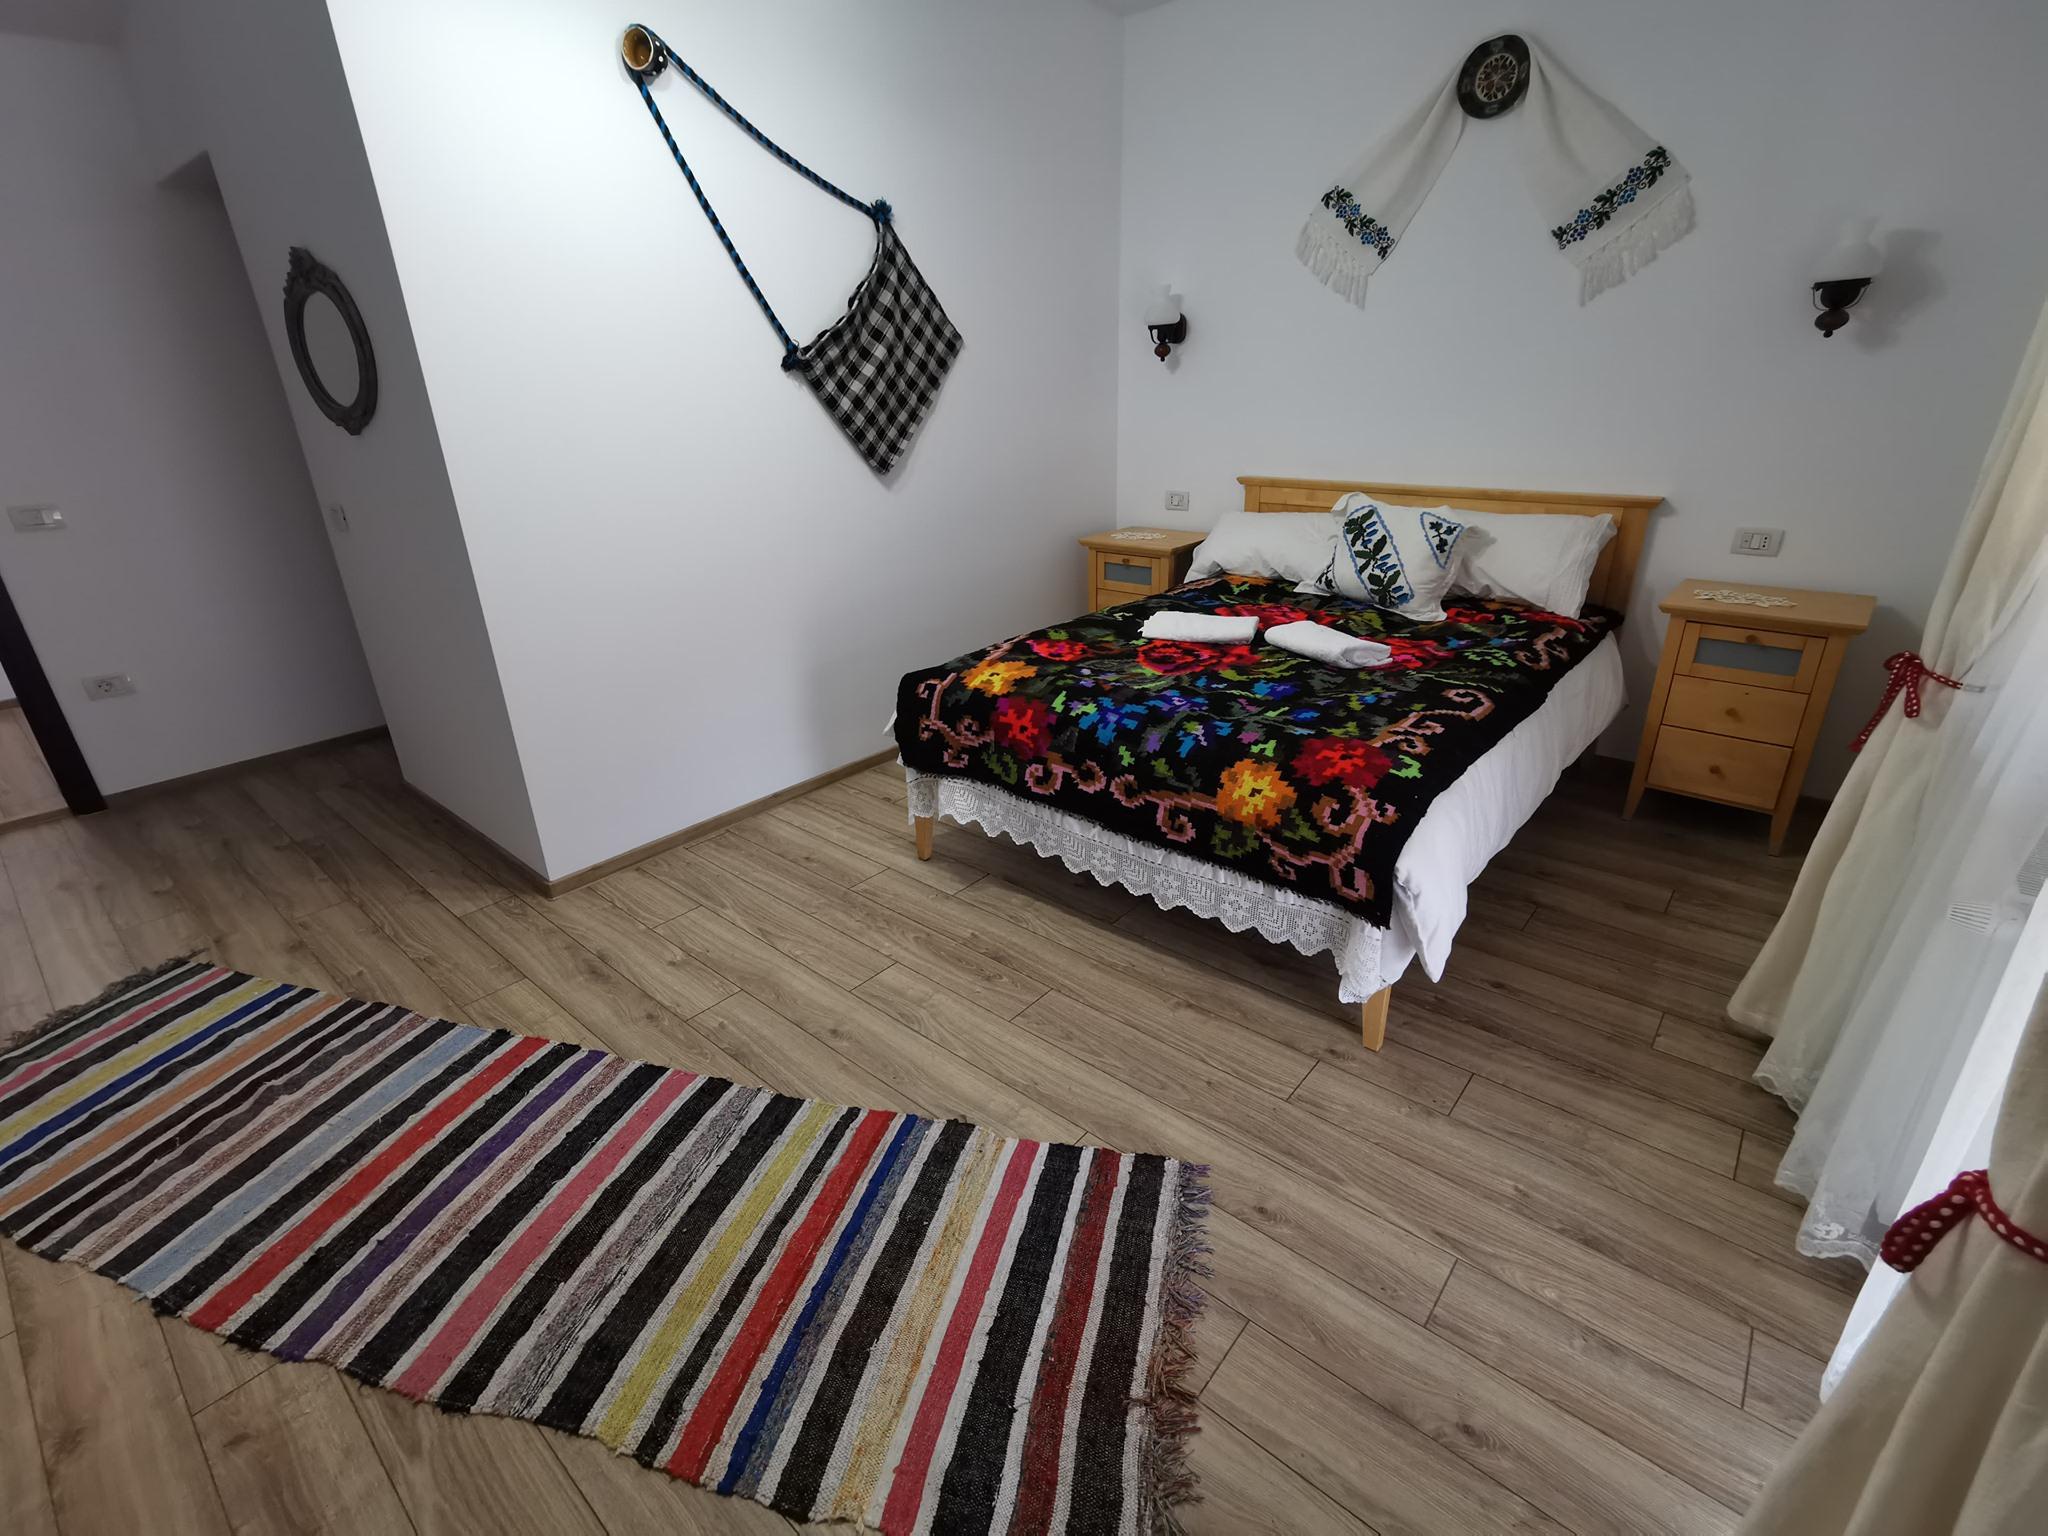 camera casa_firuta